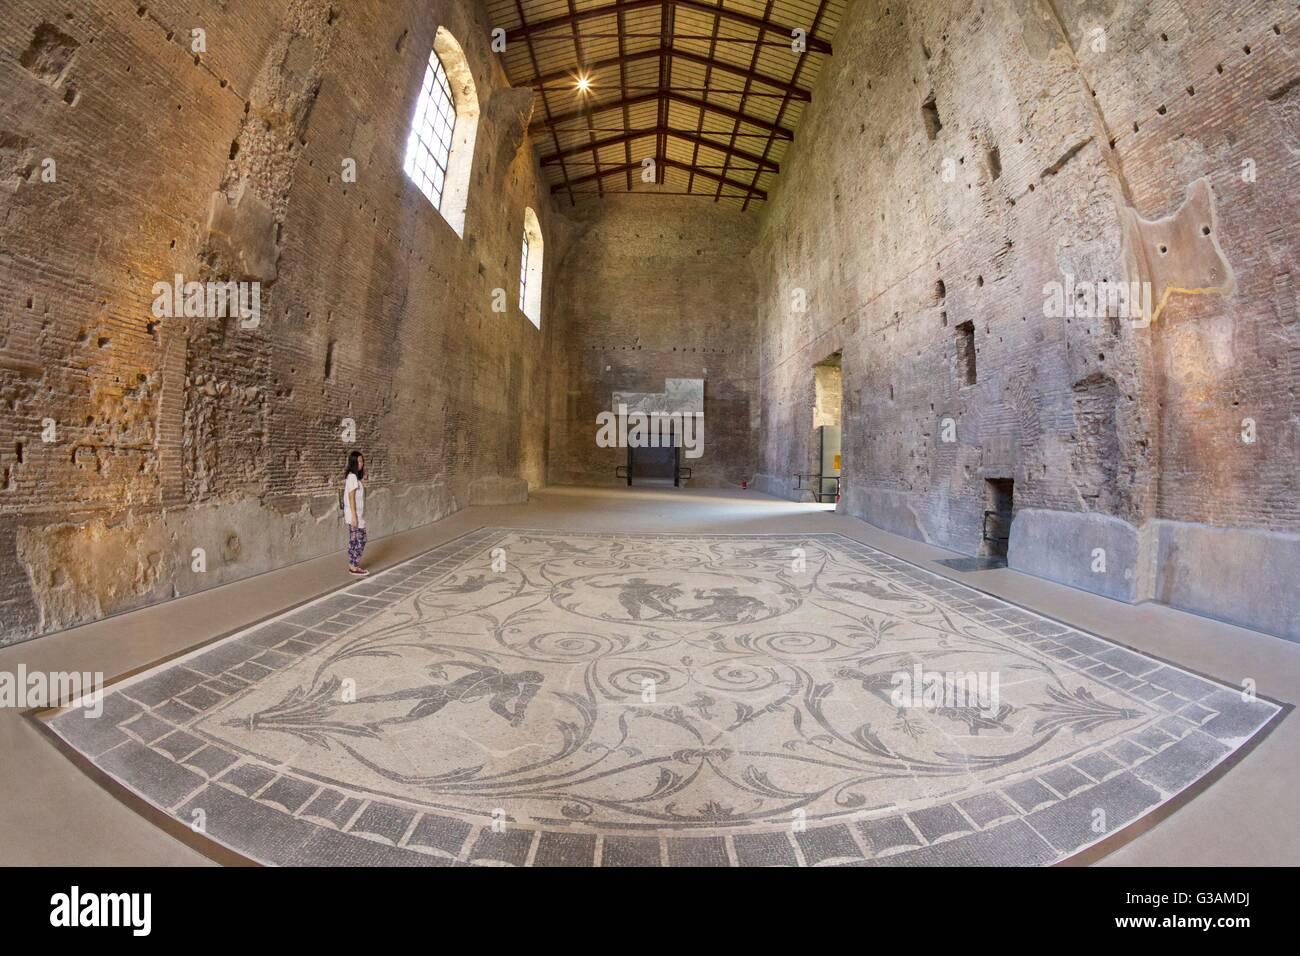 La mosaïque d'hercule, thermes de Dioclétien, le Musée National de Rome, Italie Photo Stock